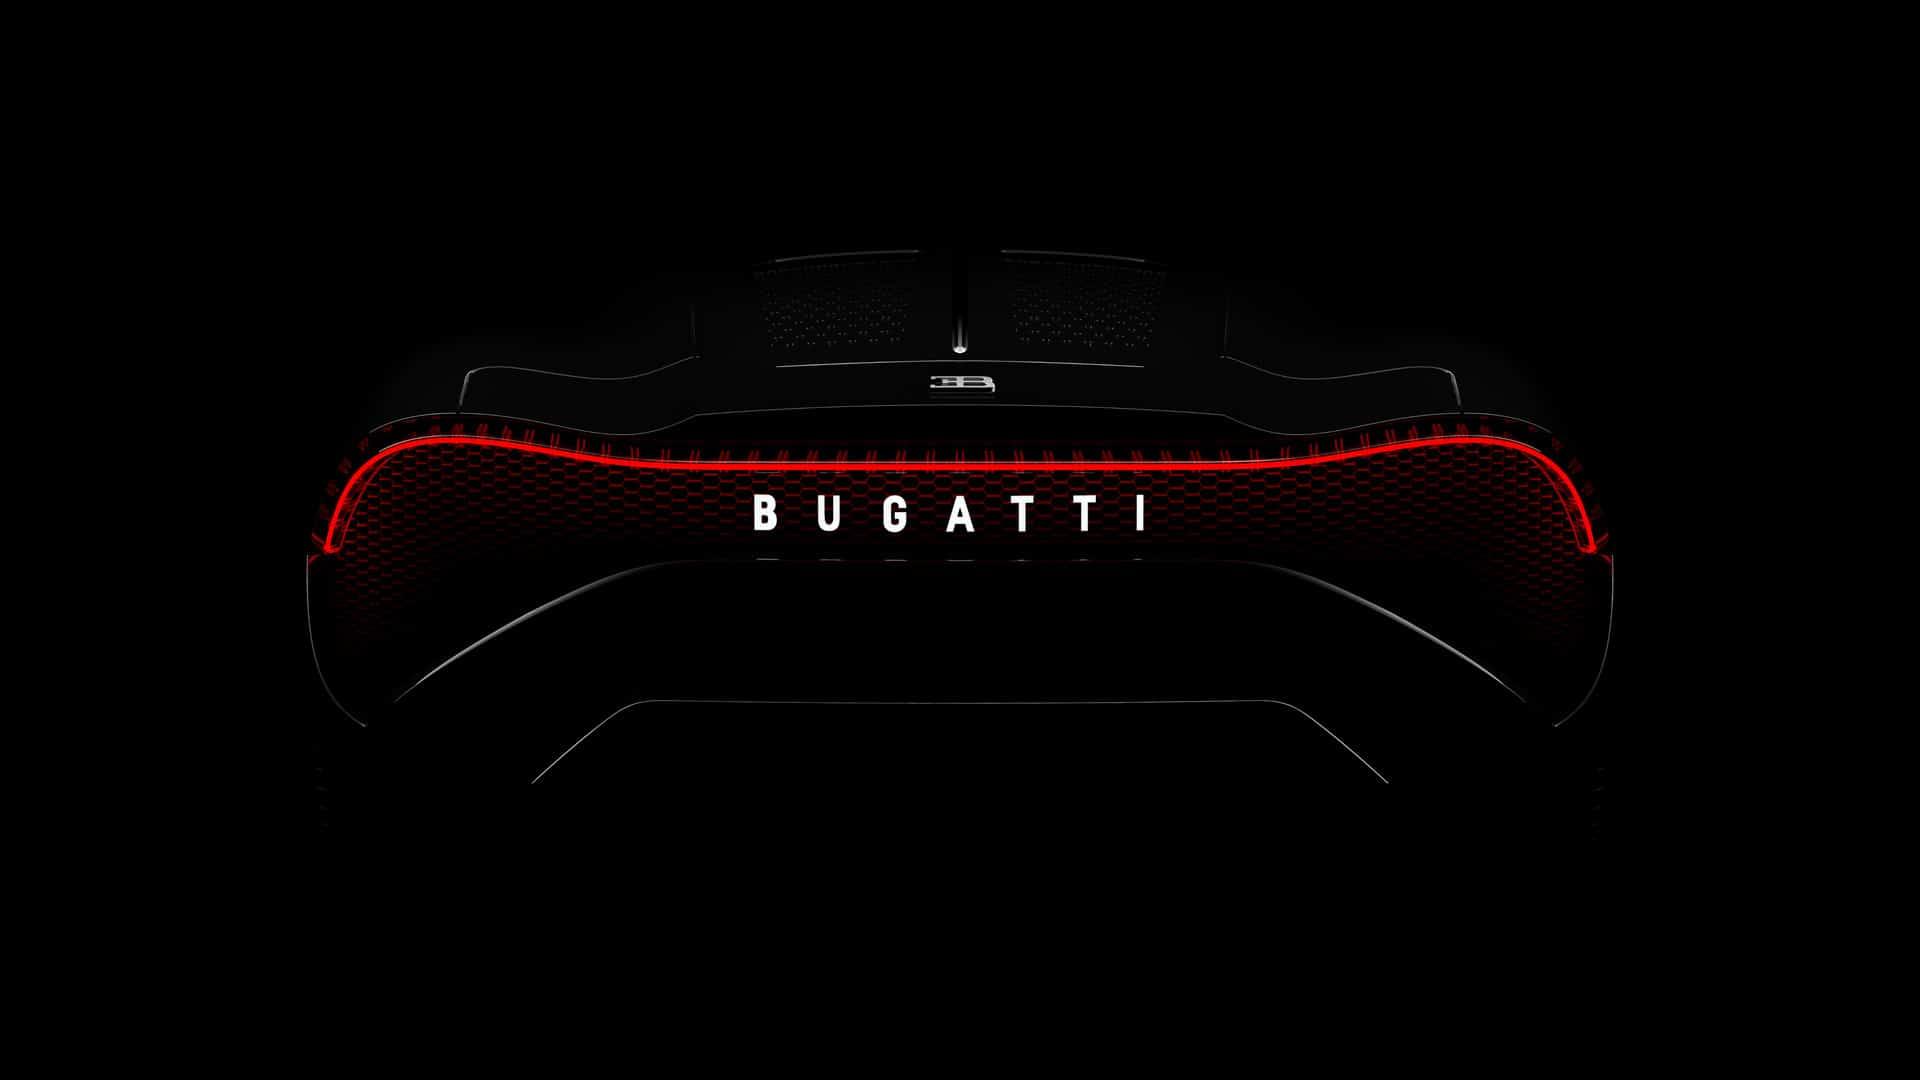 Bugatti La Voiture Noire 18